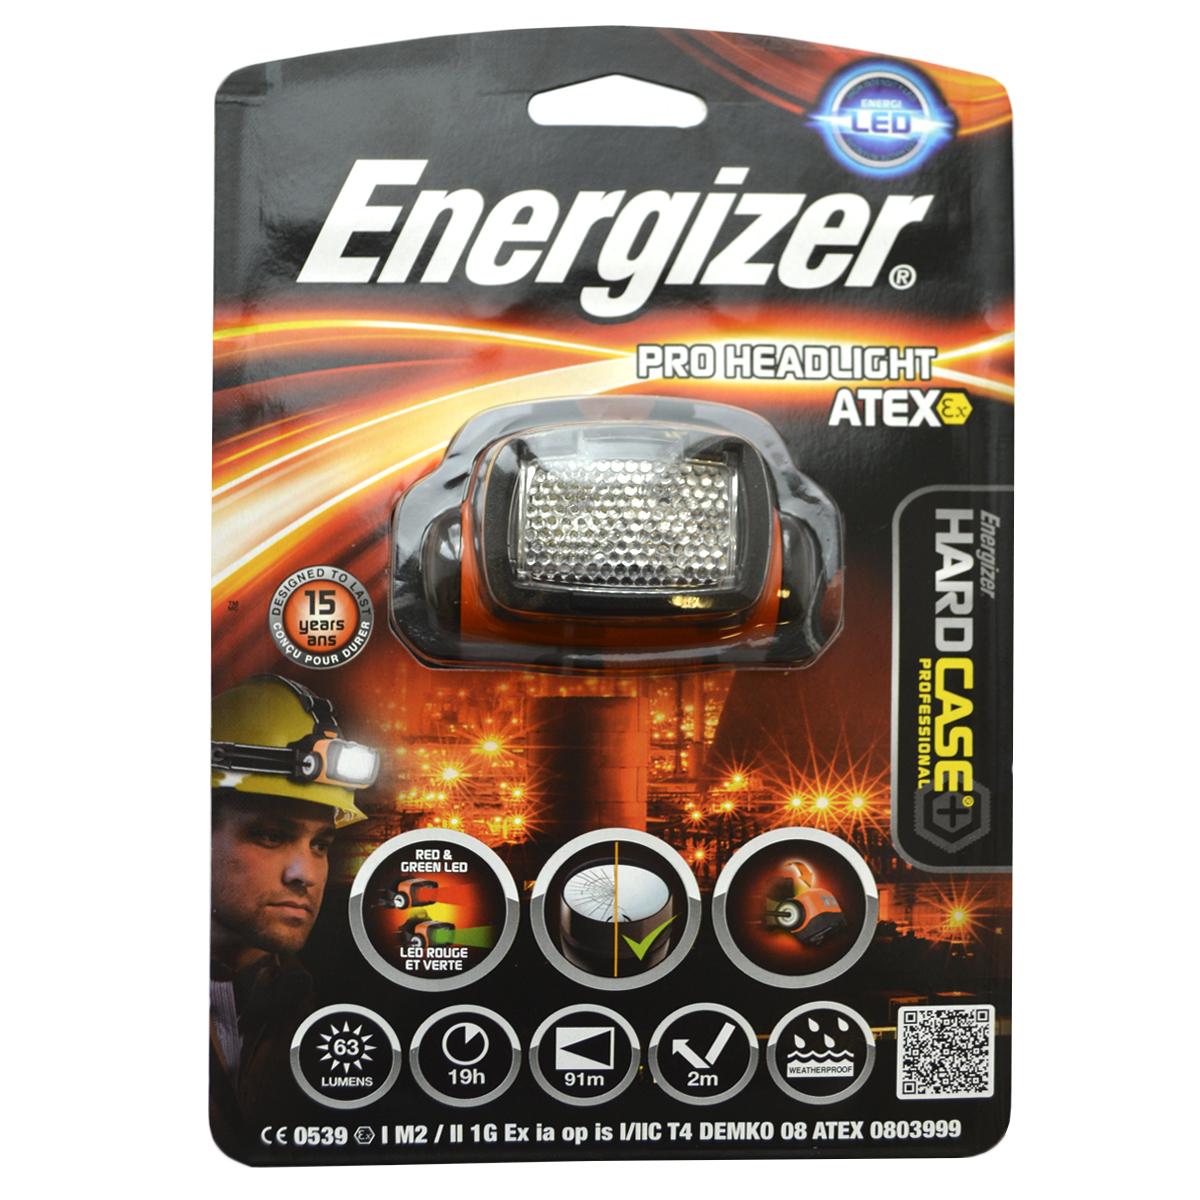 Налобный фонарь Energizer ATEX HL6320261-й класс, 1-й разряд Поворотный световой блок позволяет направлять луч туда, куда нужно Поддерживает четыре режима свечения – сильный и слабый белый, красный для ночного видения и зеленый для осмотра Убирающиеся линзы, рассеивающие направленный свет, чтобы обеспечить яркое зональное освещение Расположенный сзади батарейный блок равномерно распределяет вес для комфортного ношения Нескользящий ремень надежно фиксирует фонарь Чрезвычайно длительный срок службы – рассчитан на 15 лет Безосколочные линзы Работает от 3 батареек типоразмера AA